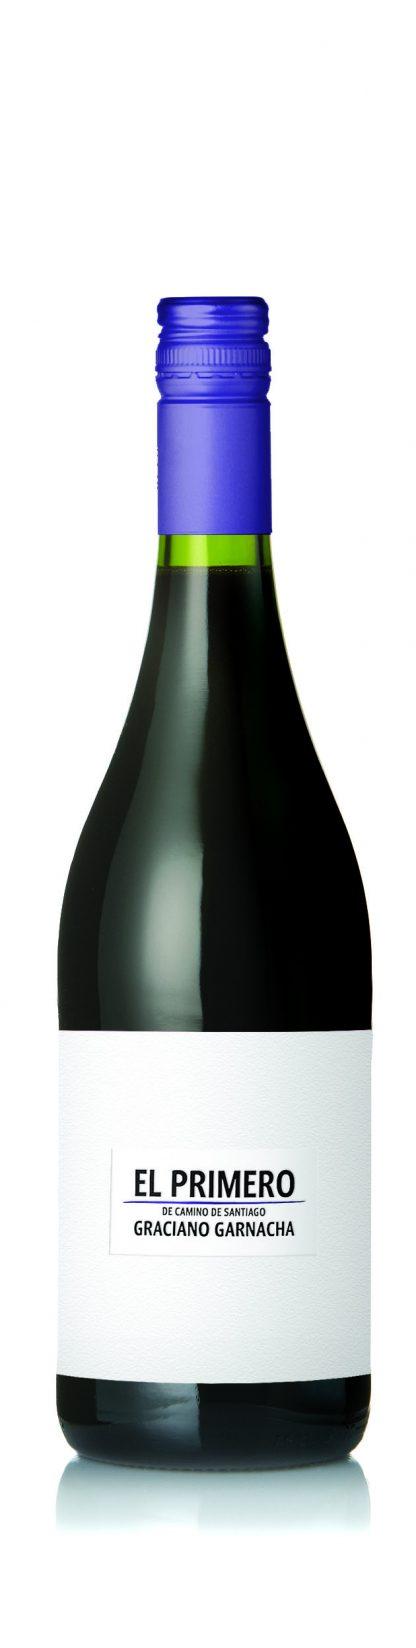 El Primero - Graciano Garnacha DO 2018 12x 75cl Bottles